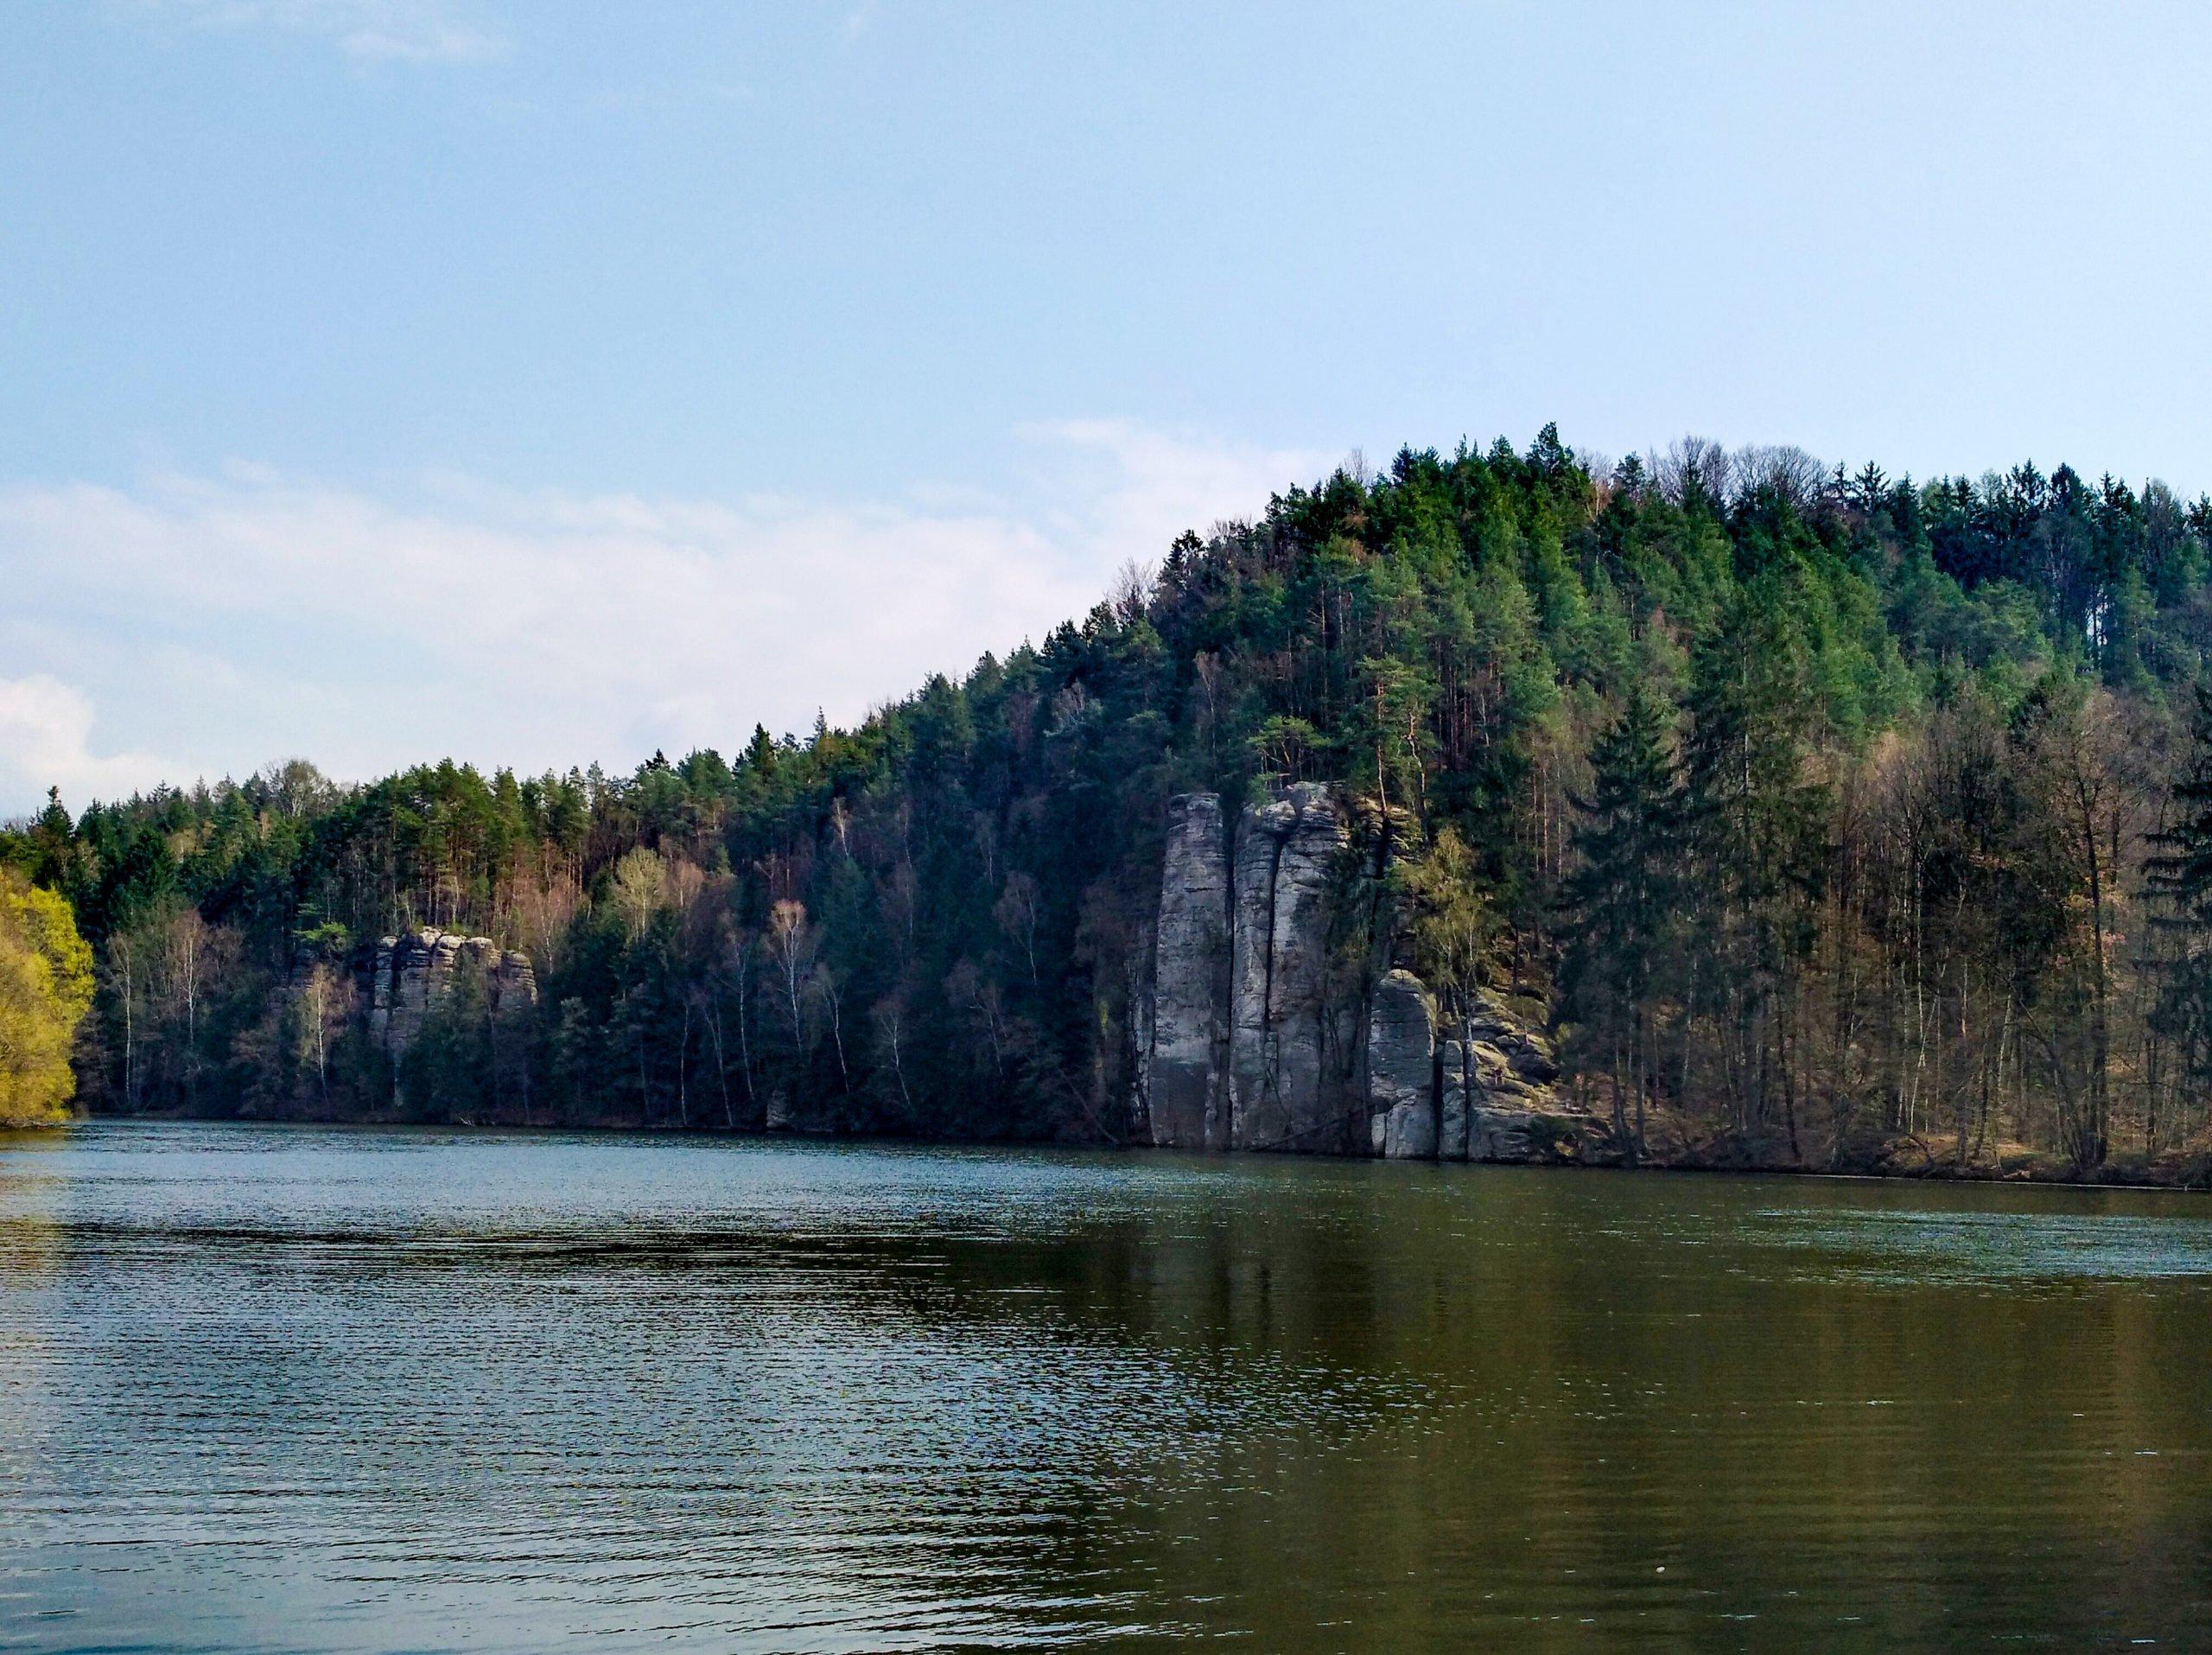 Věžák - Věžický rybník